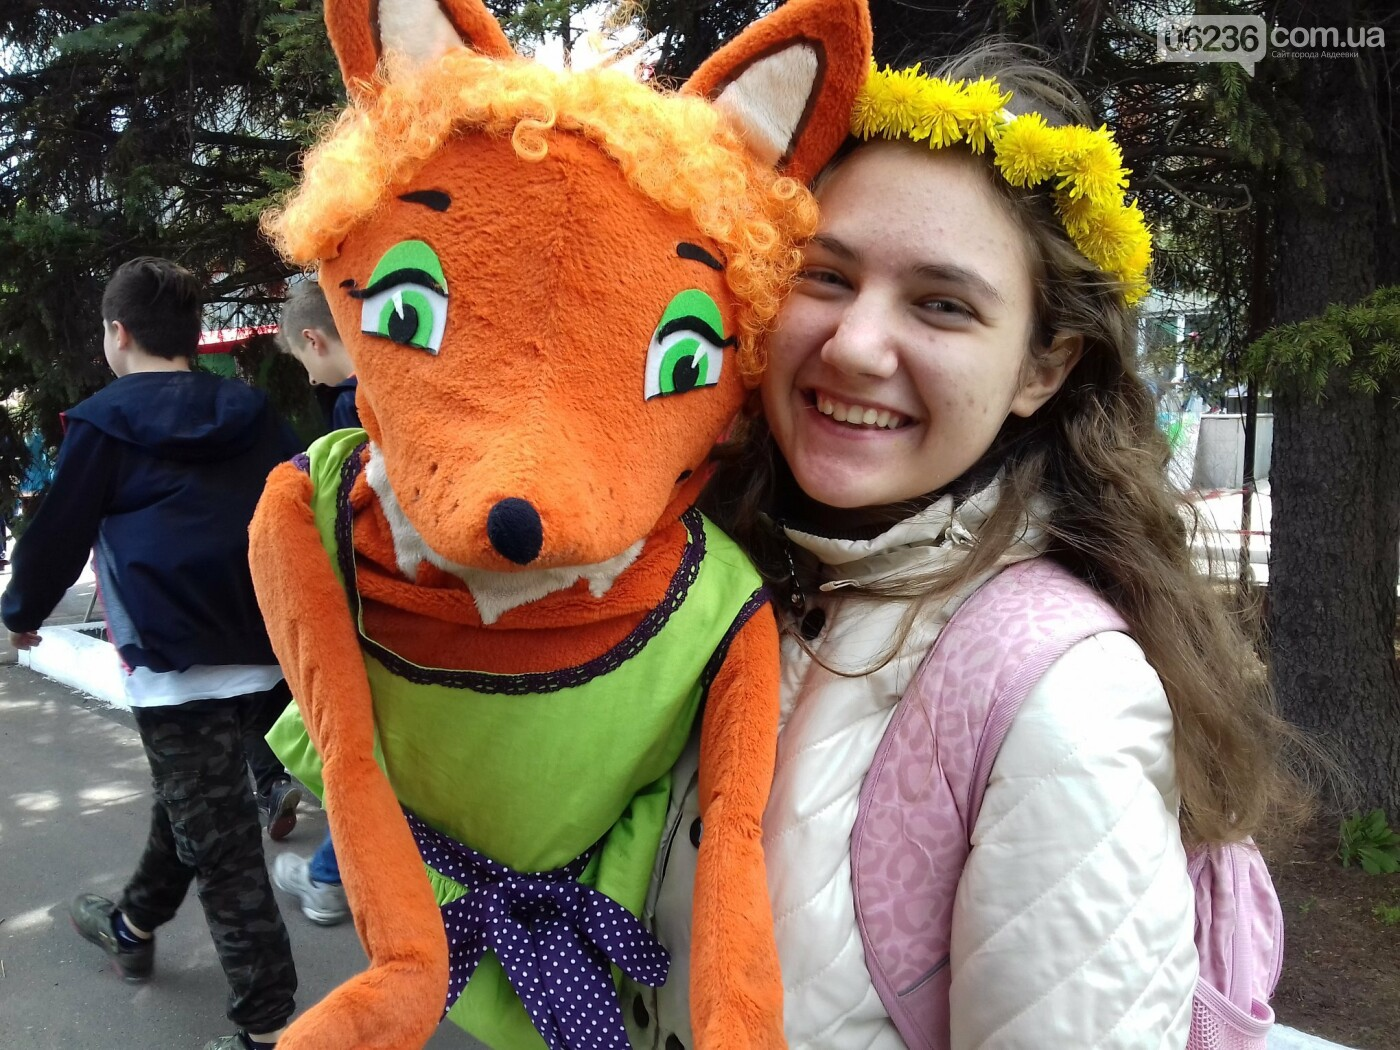 ФОТОРЕПОРТАЖ. Яркие моменты фестиваля искусств в Авдеевке, фото-1